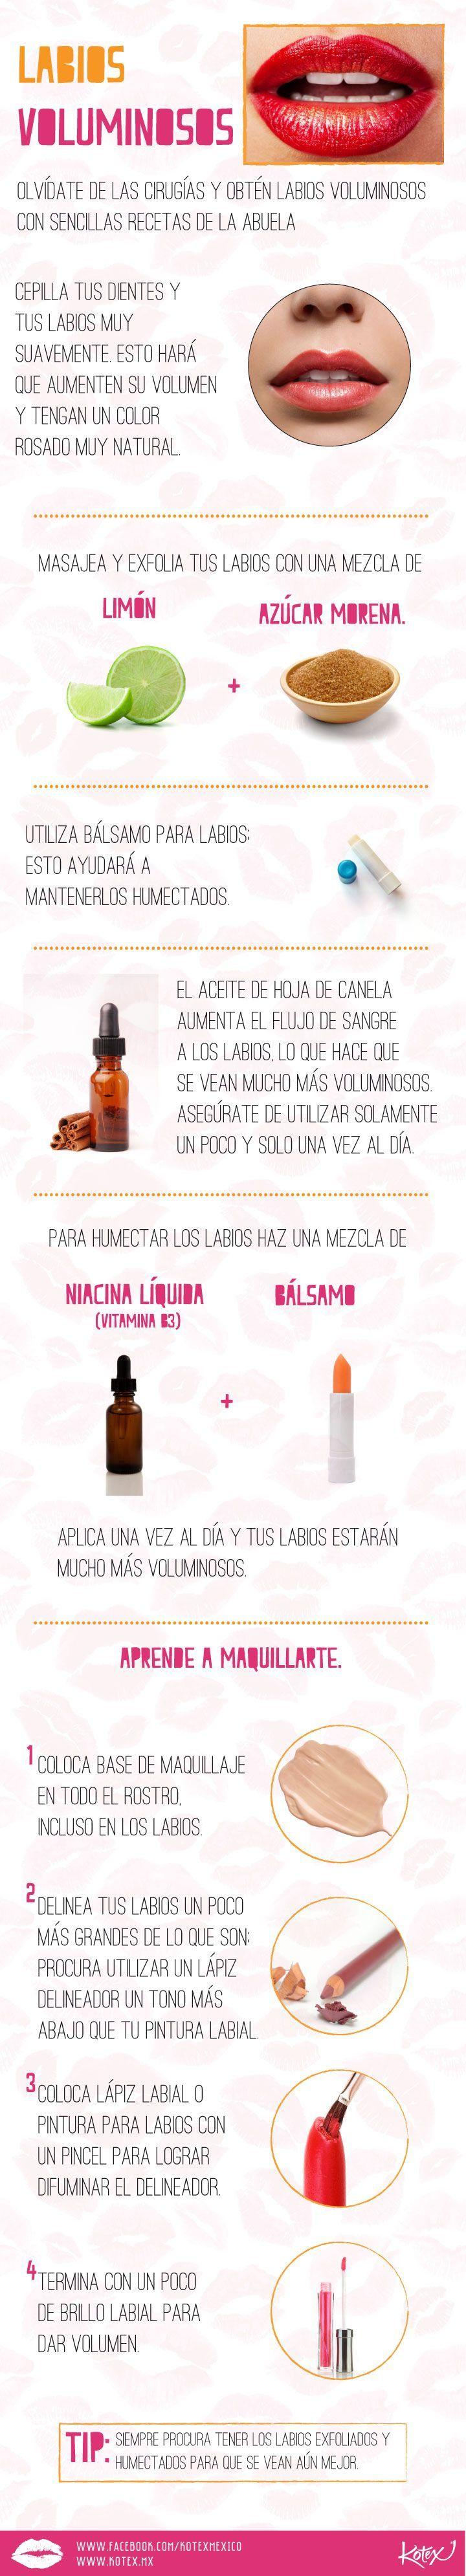 Como obtener unos labios voluminosos sin cirugía. #labios #infografía #remedios